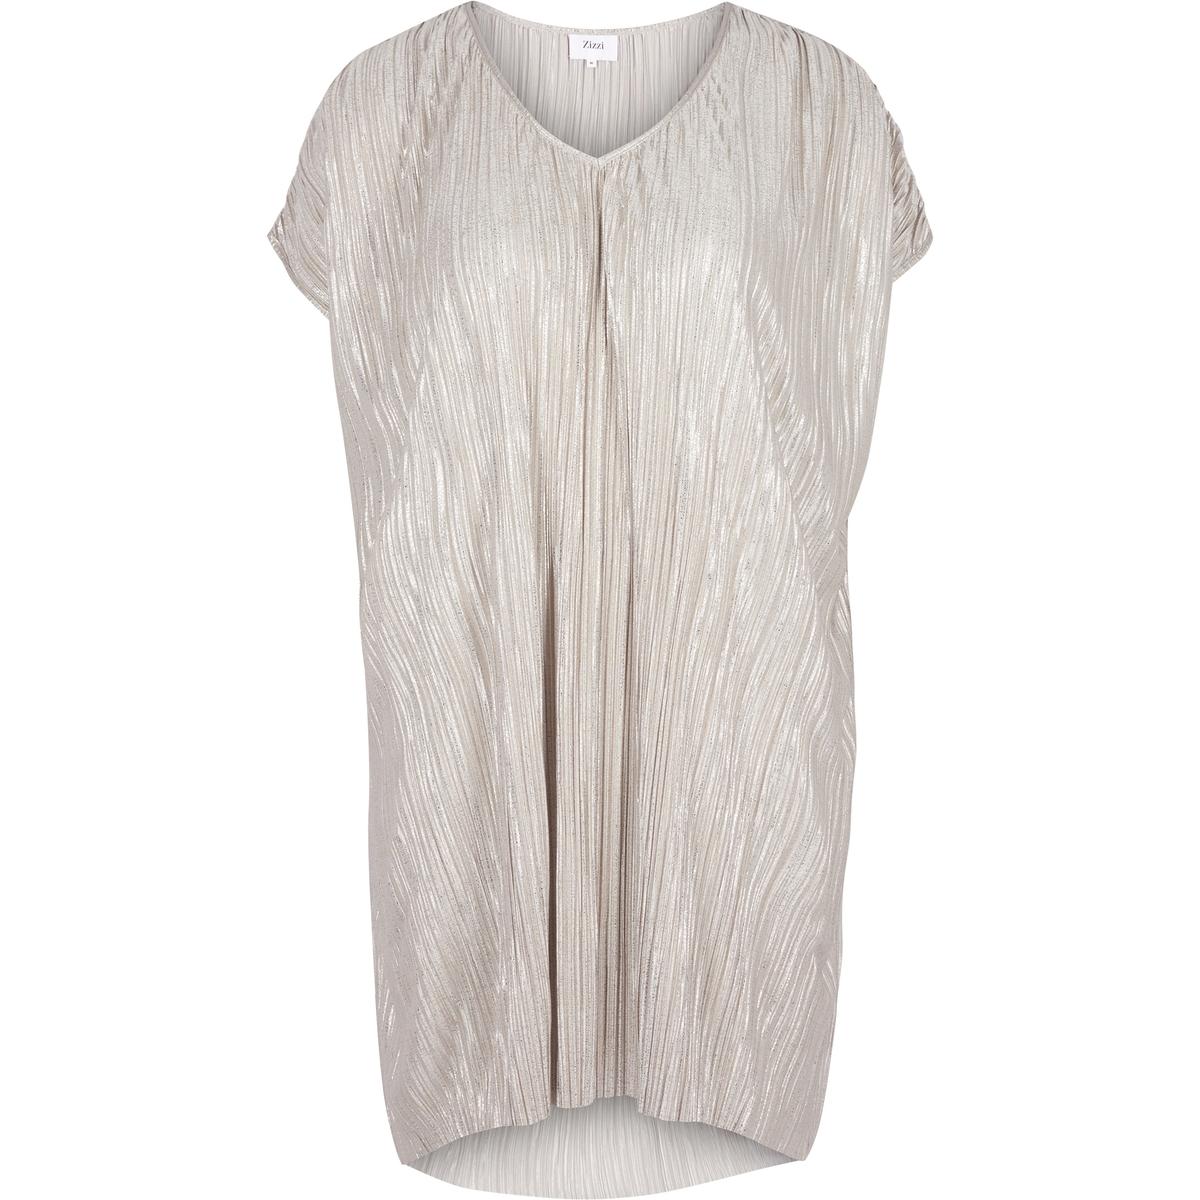 Платье прямое средней длины, однотонное, с короткими рукавамиДетали •  Форма : прямая •  Длина до колен •  Короткие рукава    •   V-образный вырезСостав и уход •  3% эластана, 97% полиэстера •  Следуйте советам по уходу, указанным на этикеткеТовар из коллекции больших размеров<br><br>Цвет: золотистый<br>Размер: 46/48 (FR) - 52/54 (RUS)